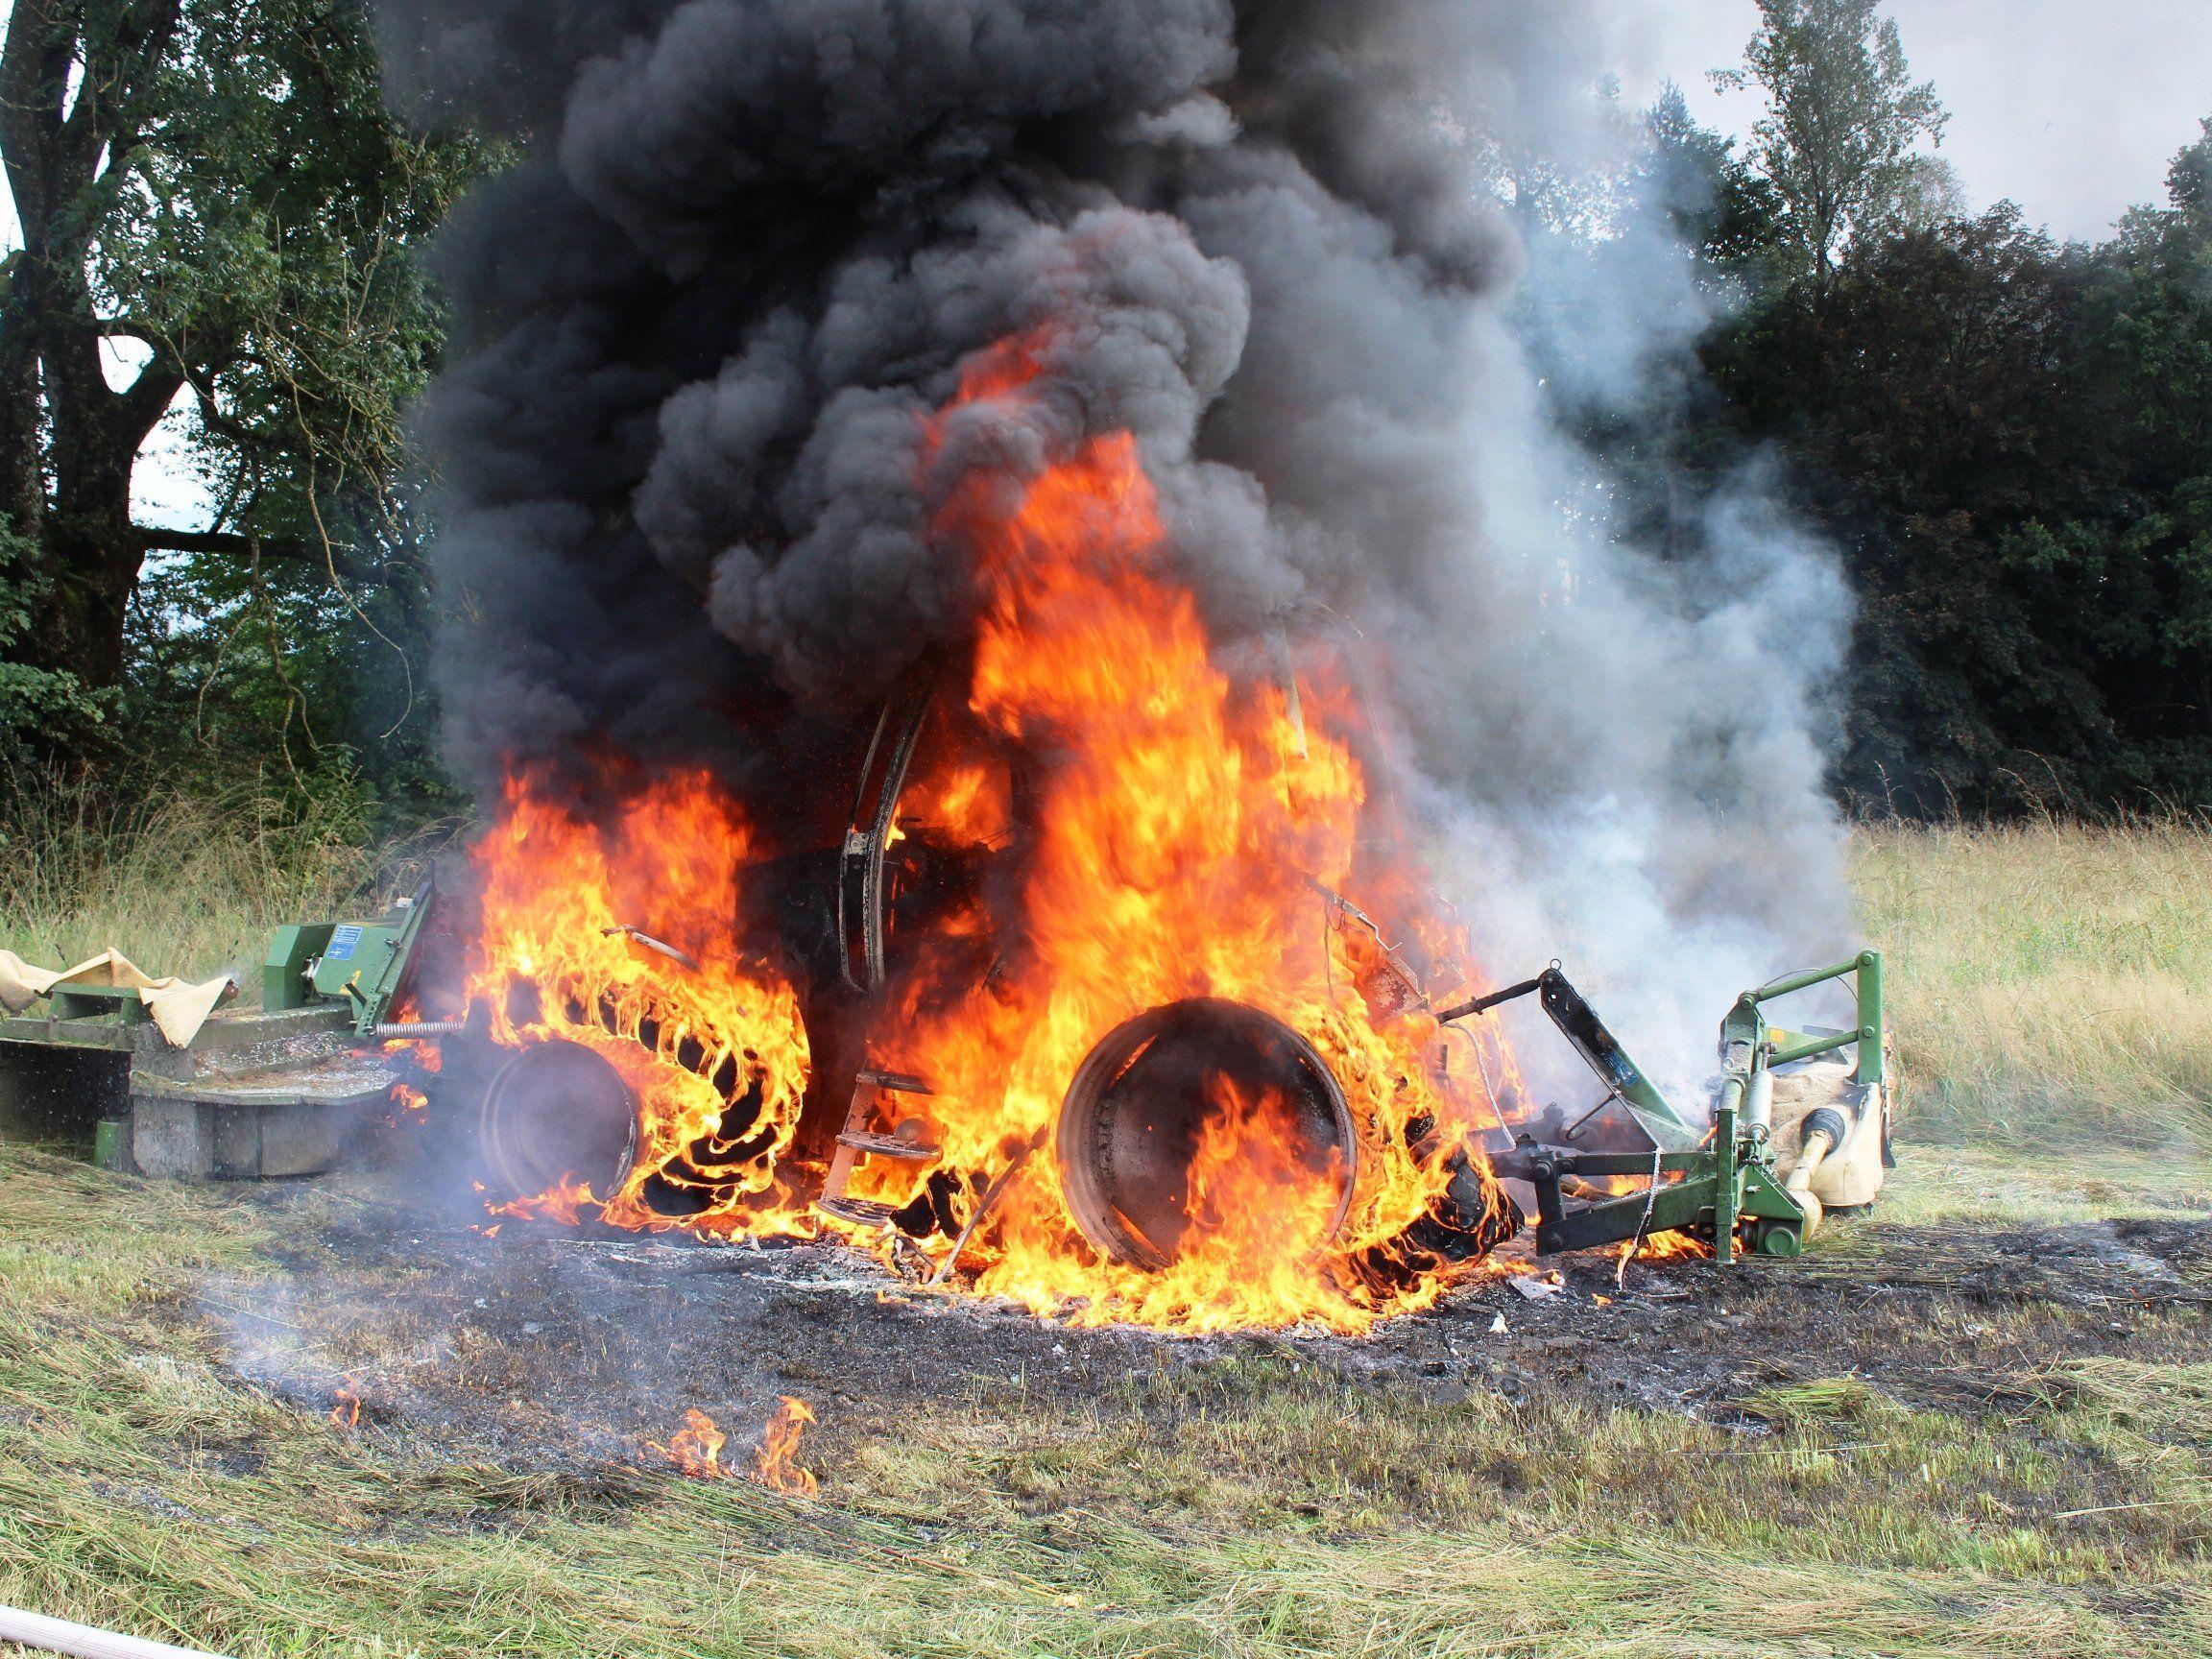 Der Landwirt konnte den Brand nicht mehr selbst löschen.